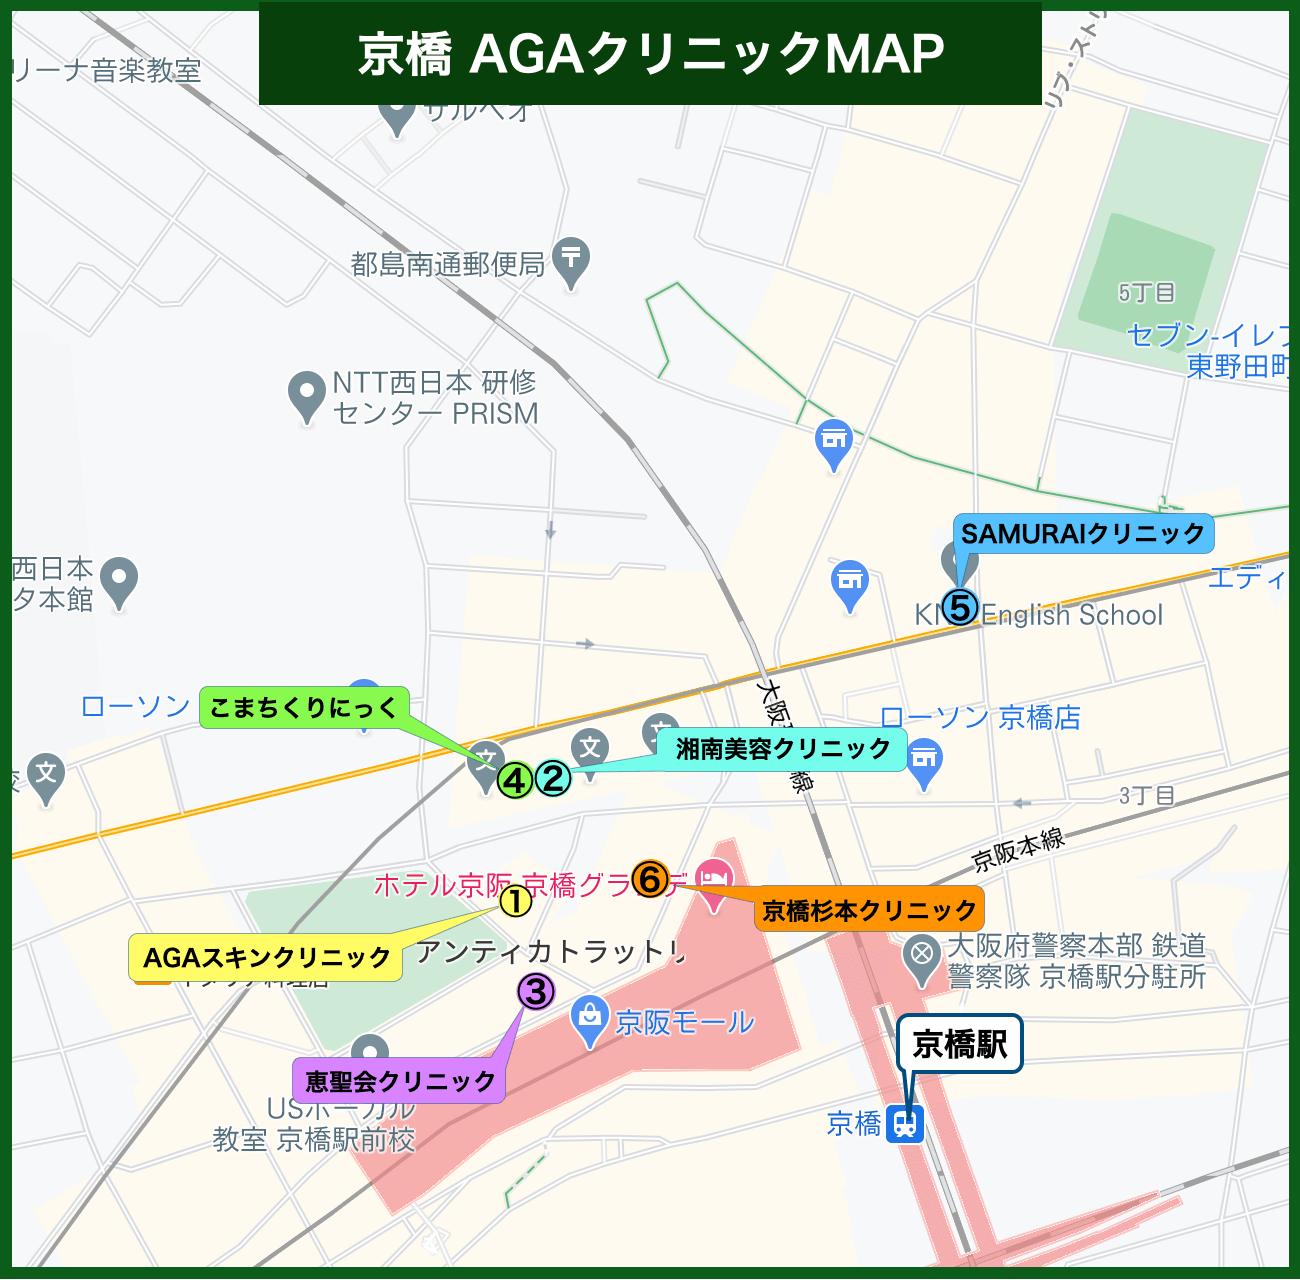 京橋AGAクリニックMAP